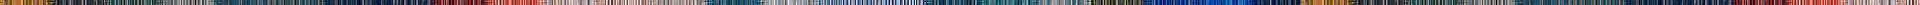 banner_string3.jpg